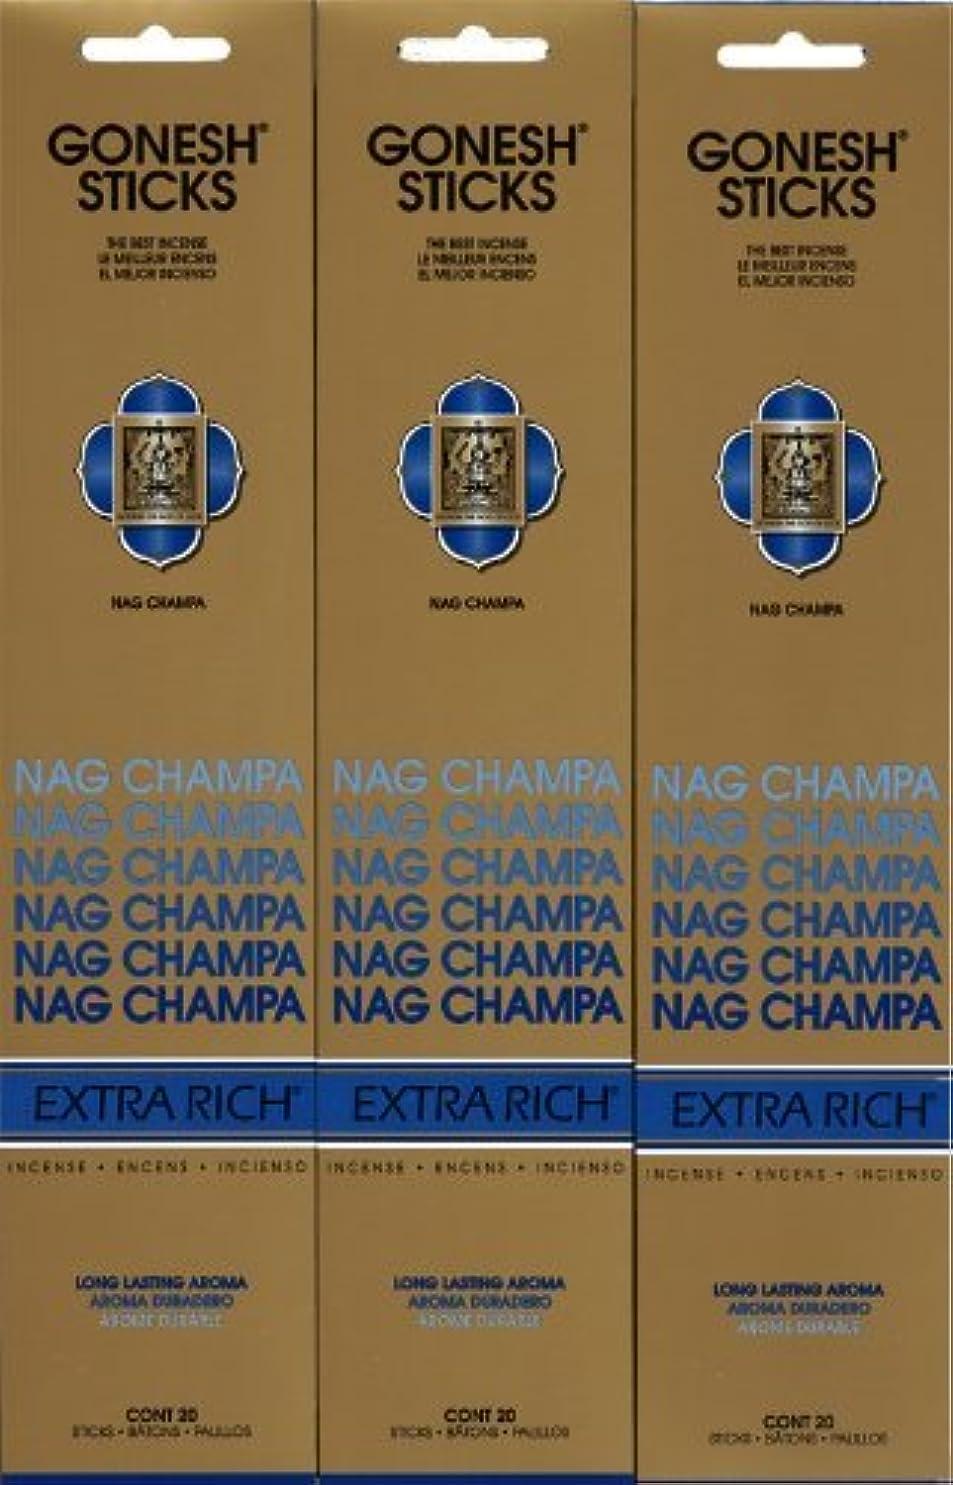 経験五十わがままGONESH NAG CHAMPA ナグチャンパ スティック 20本入り X 3パック (60本)